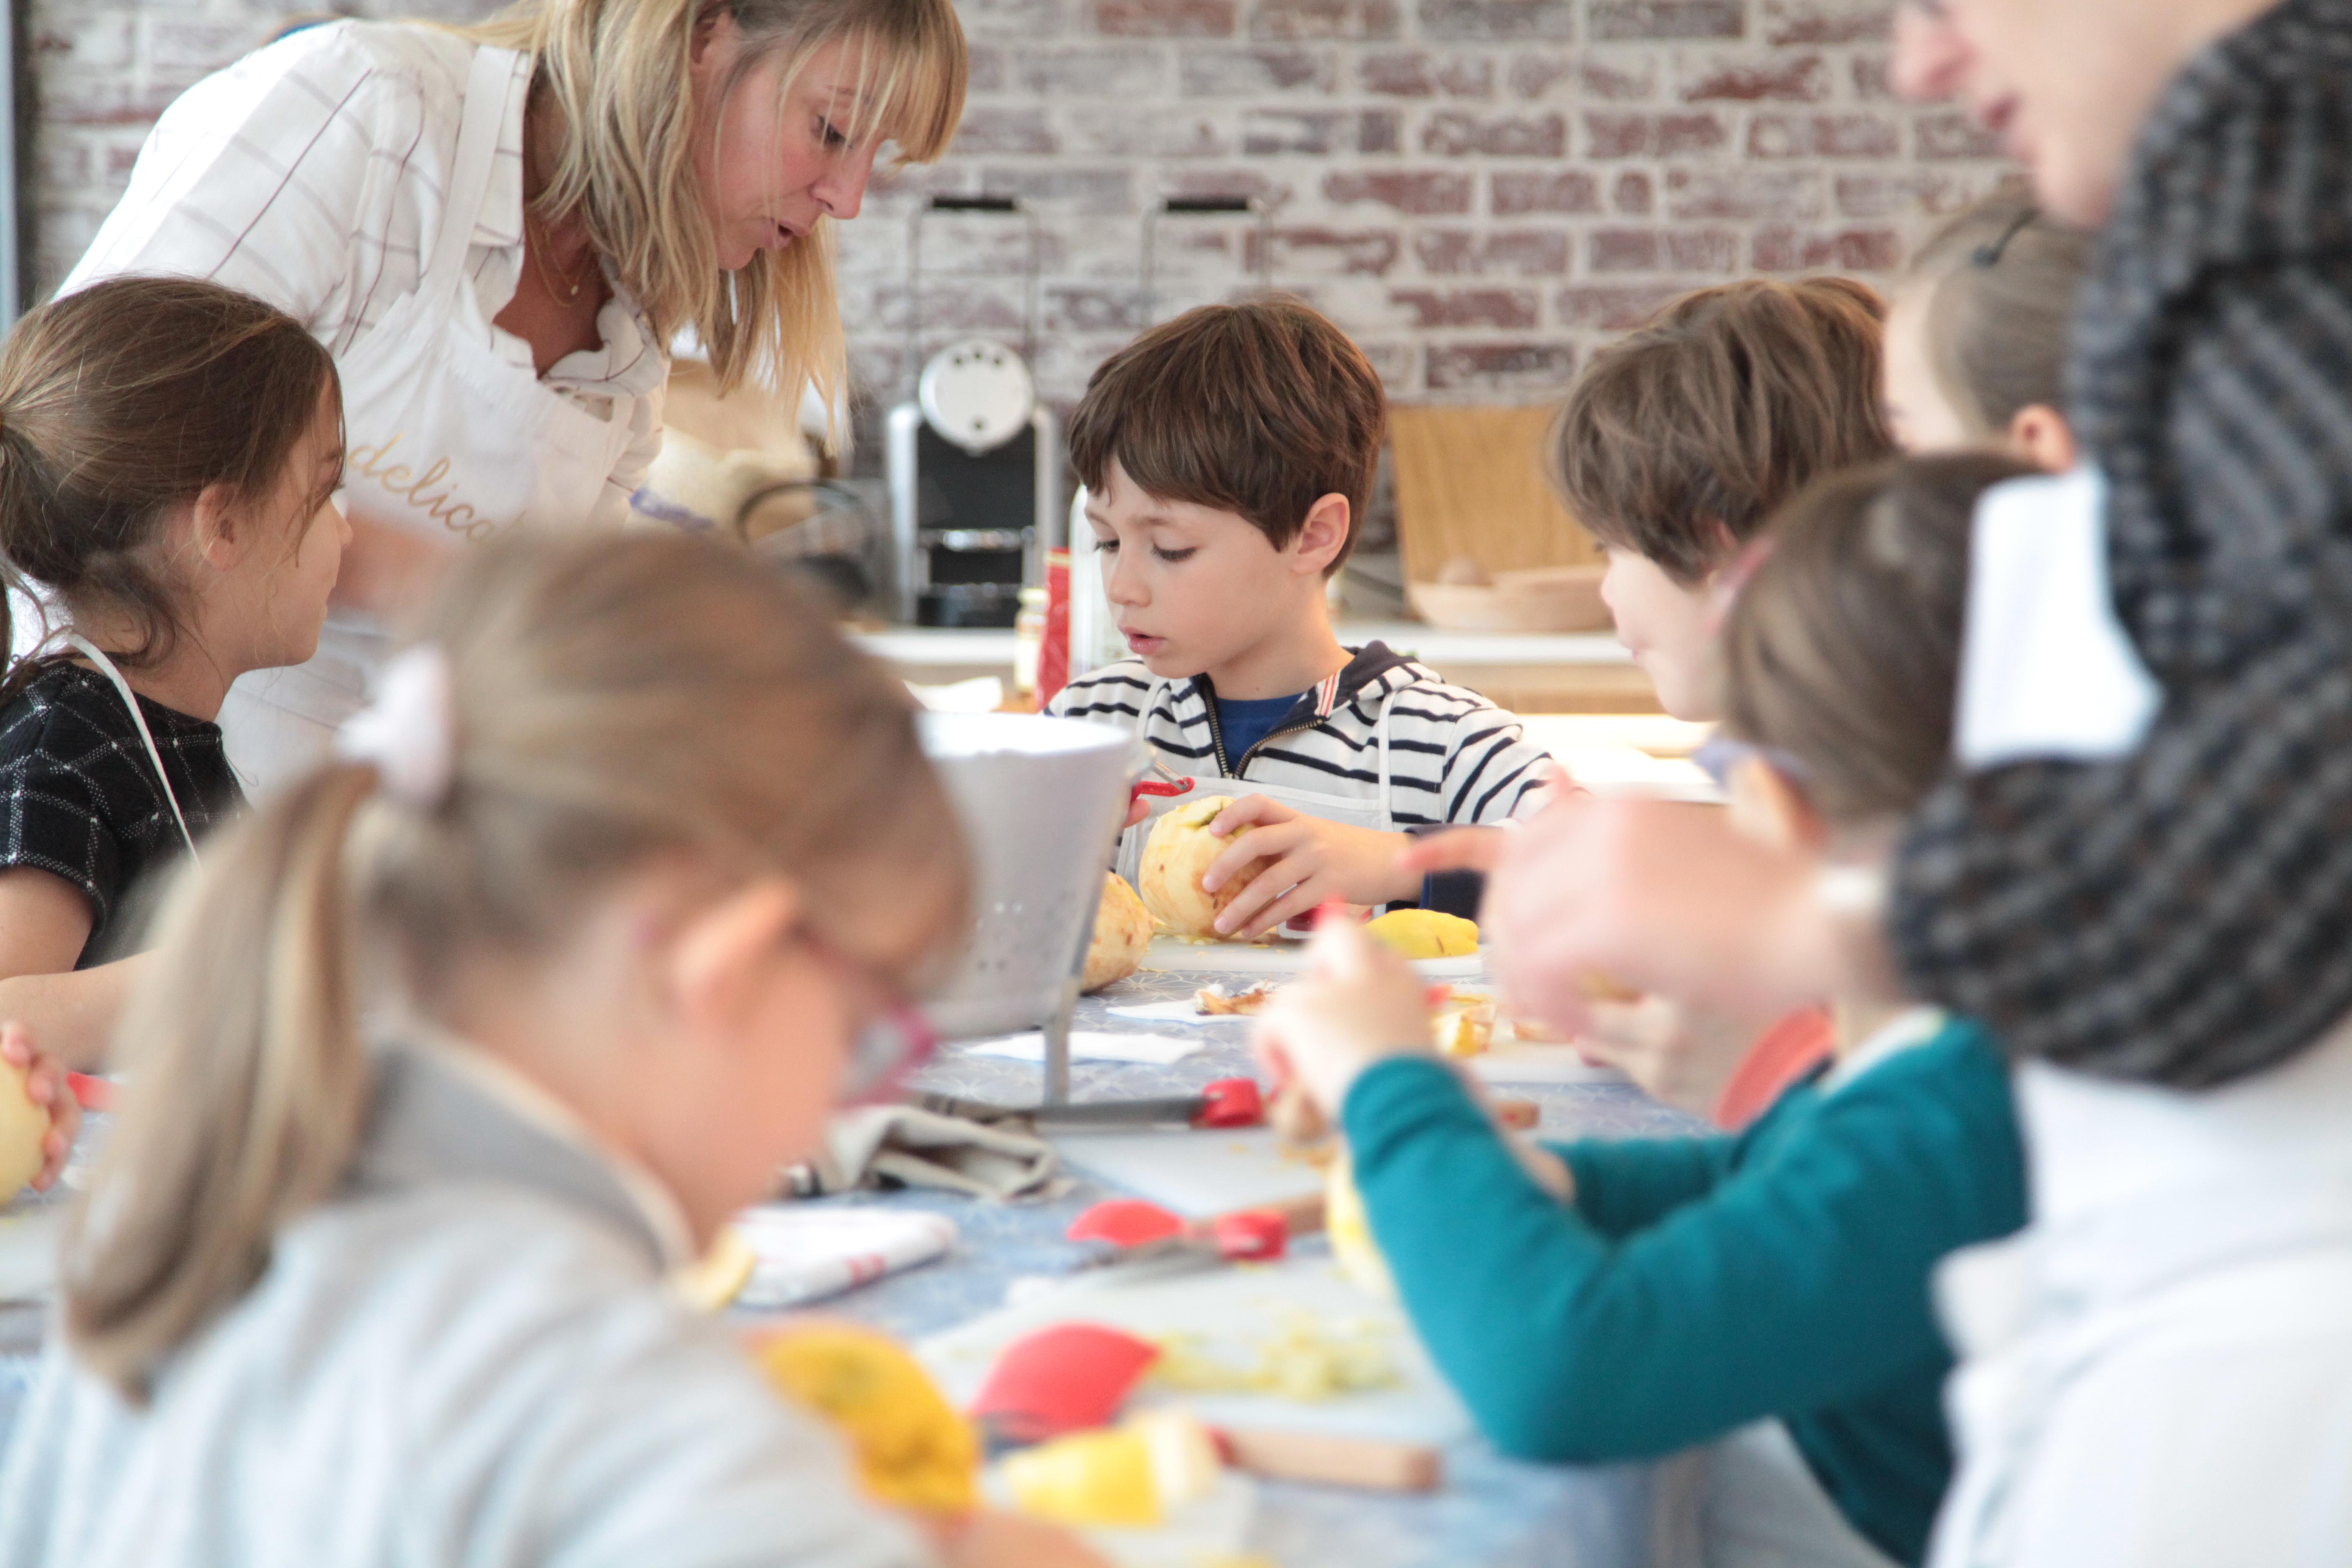 Vacances de la Toussaint : stage de cuisine pour les enfants (6-10 ans)